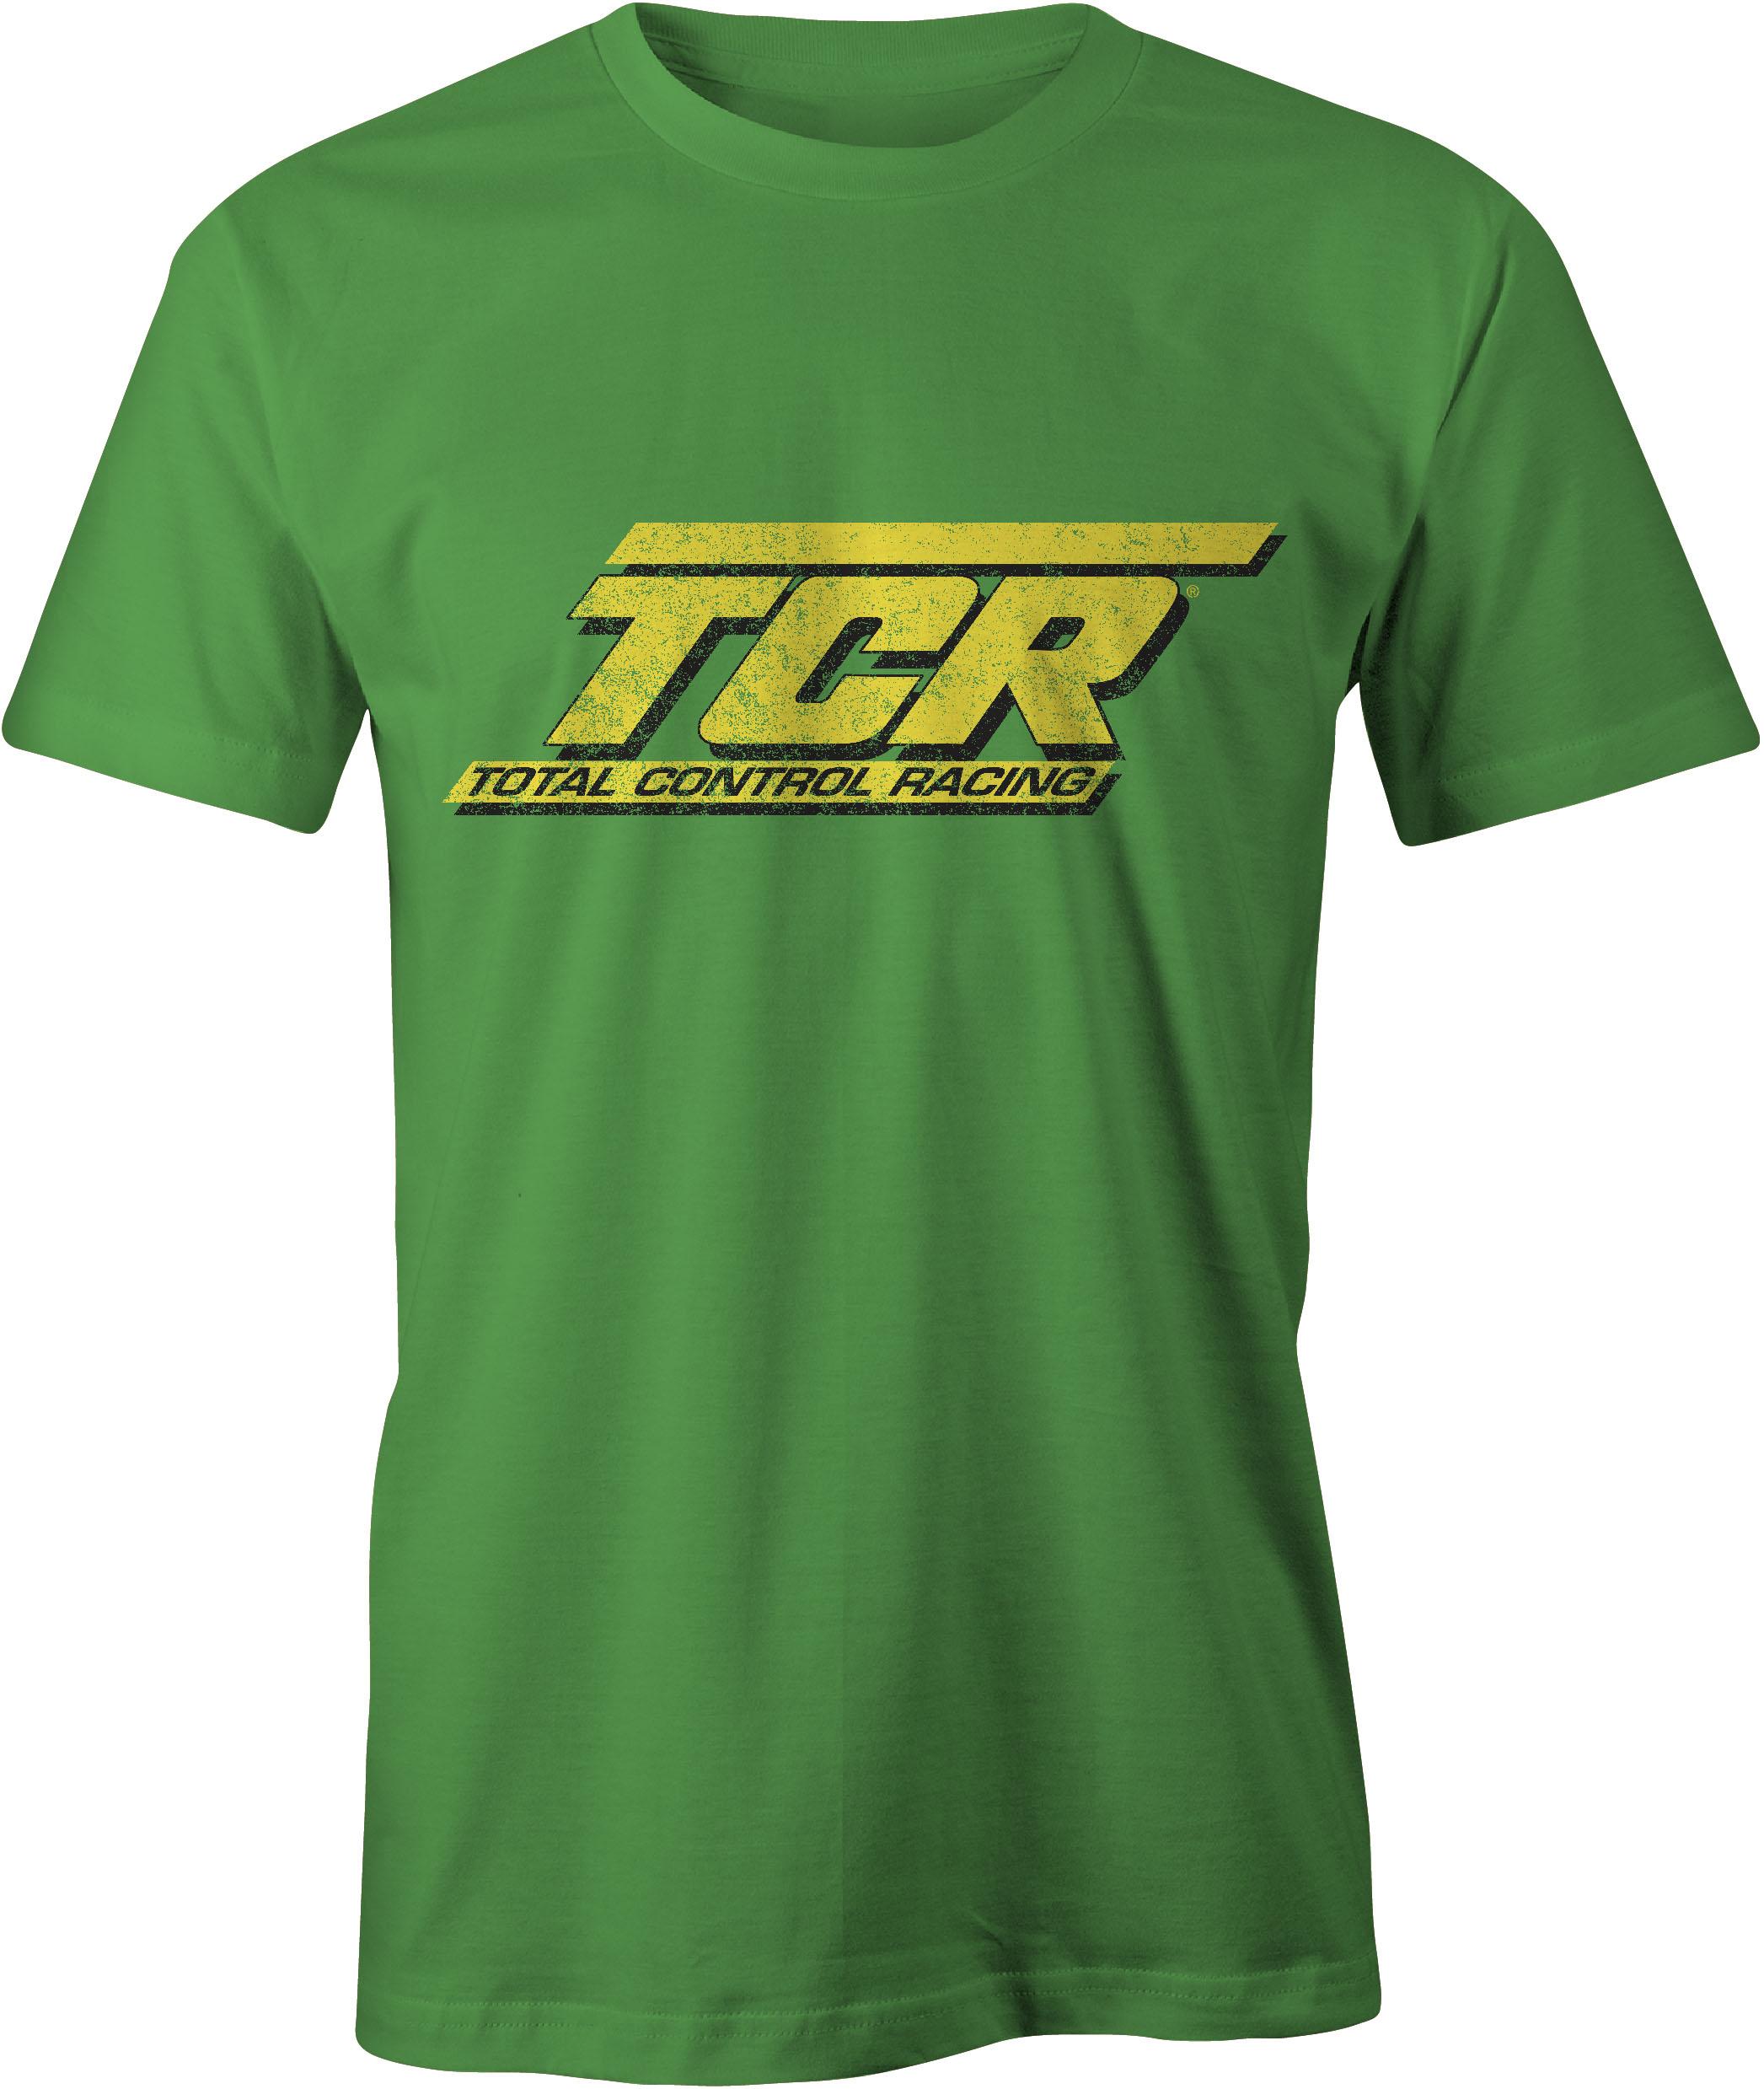 TCR T-Shirt Irish Green